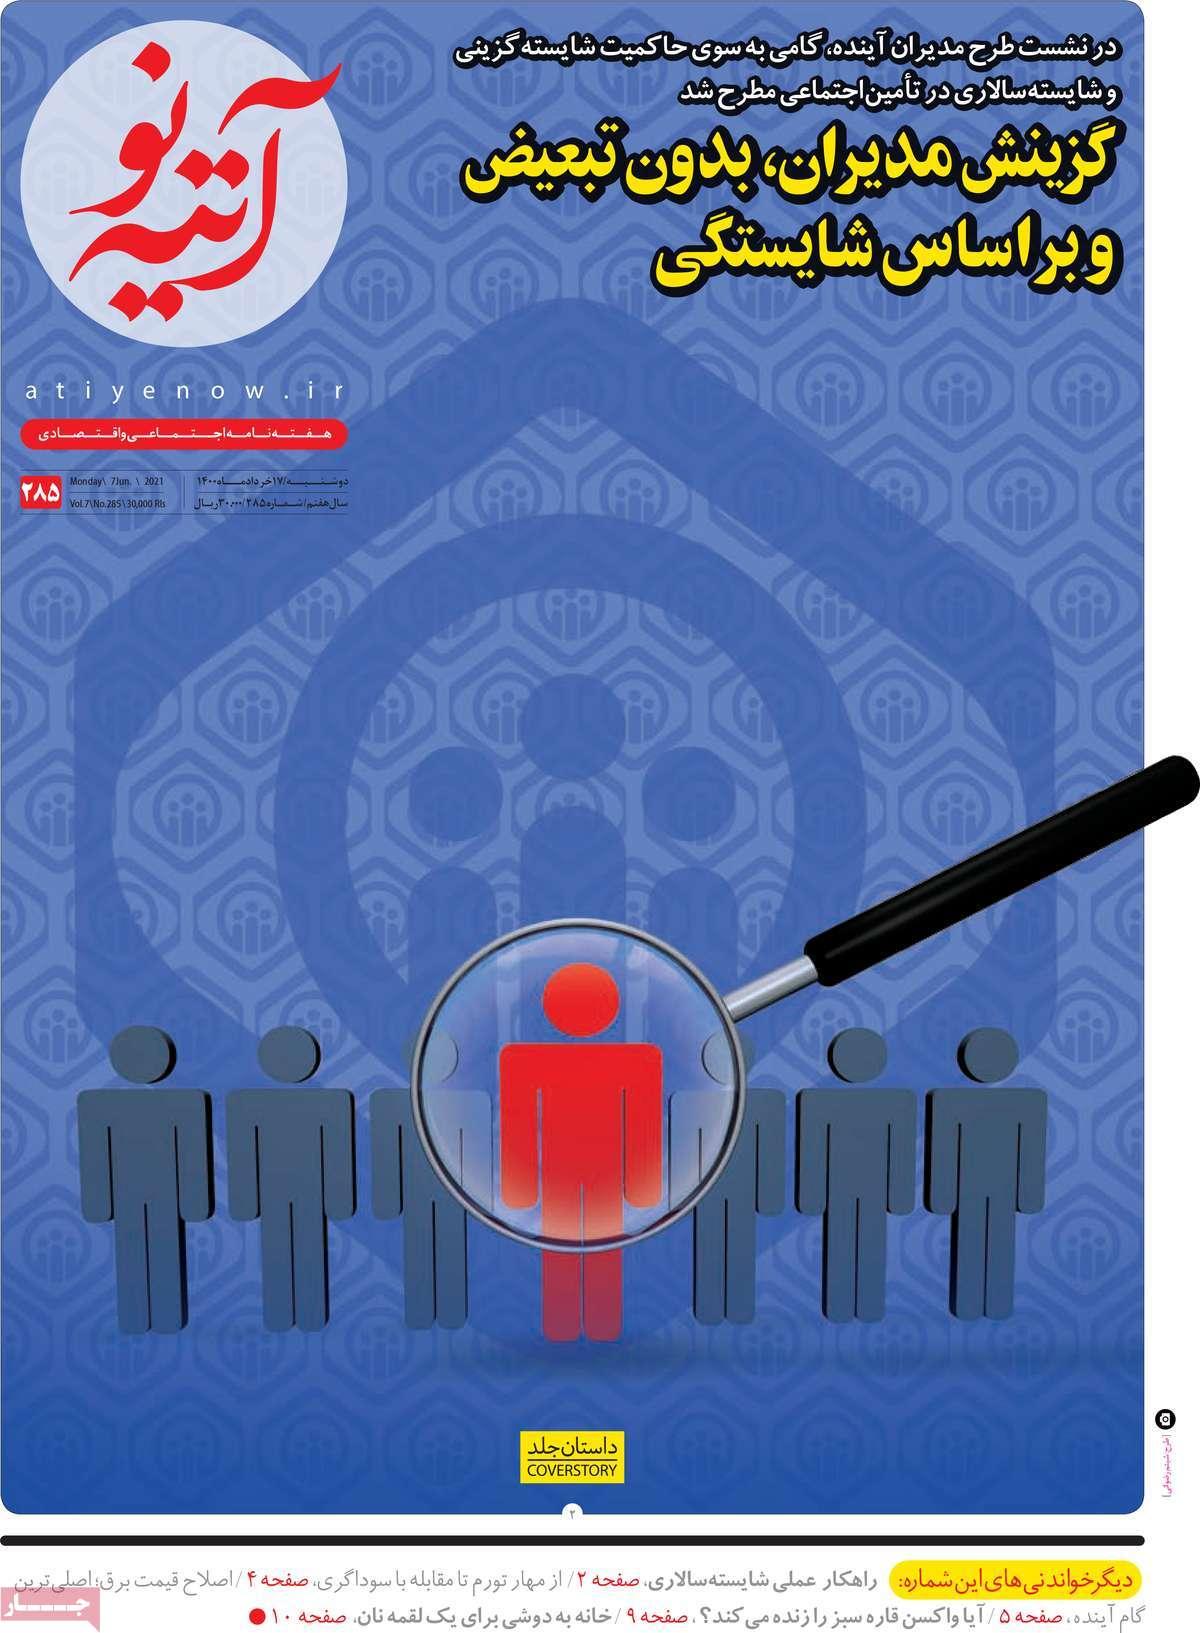 مجله آتیه نو